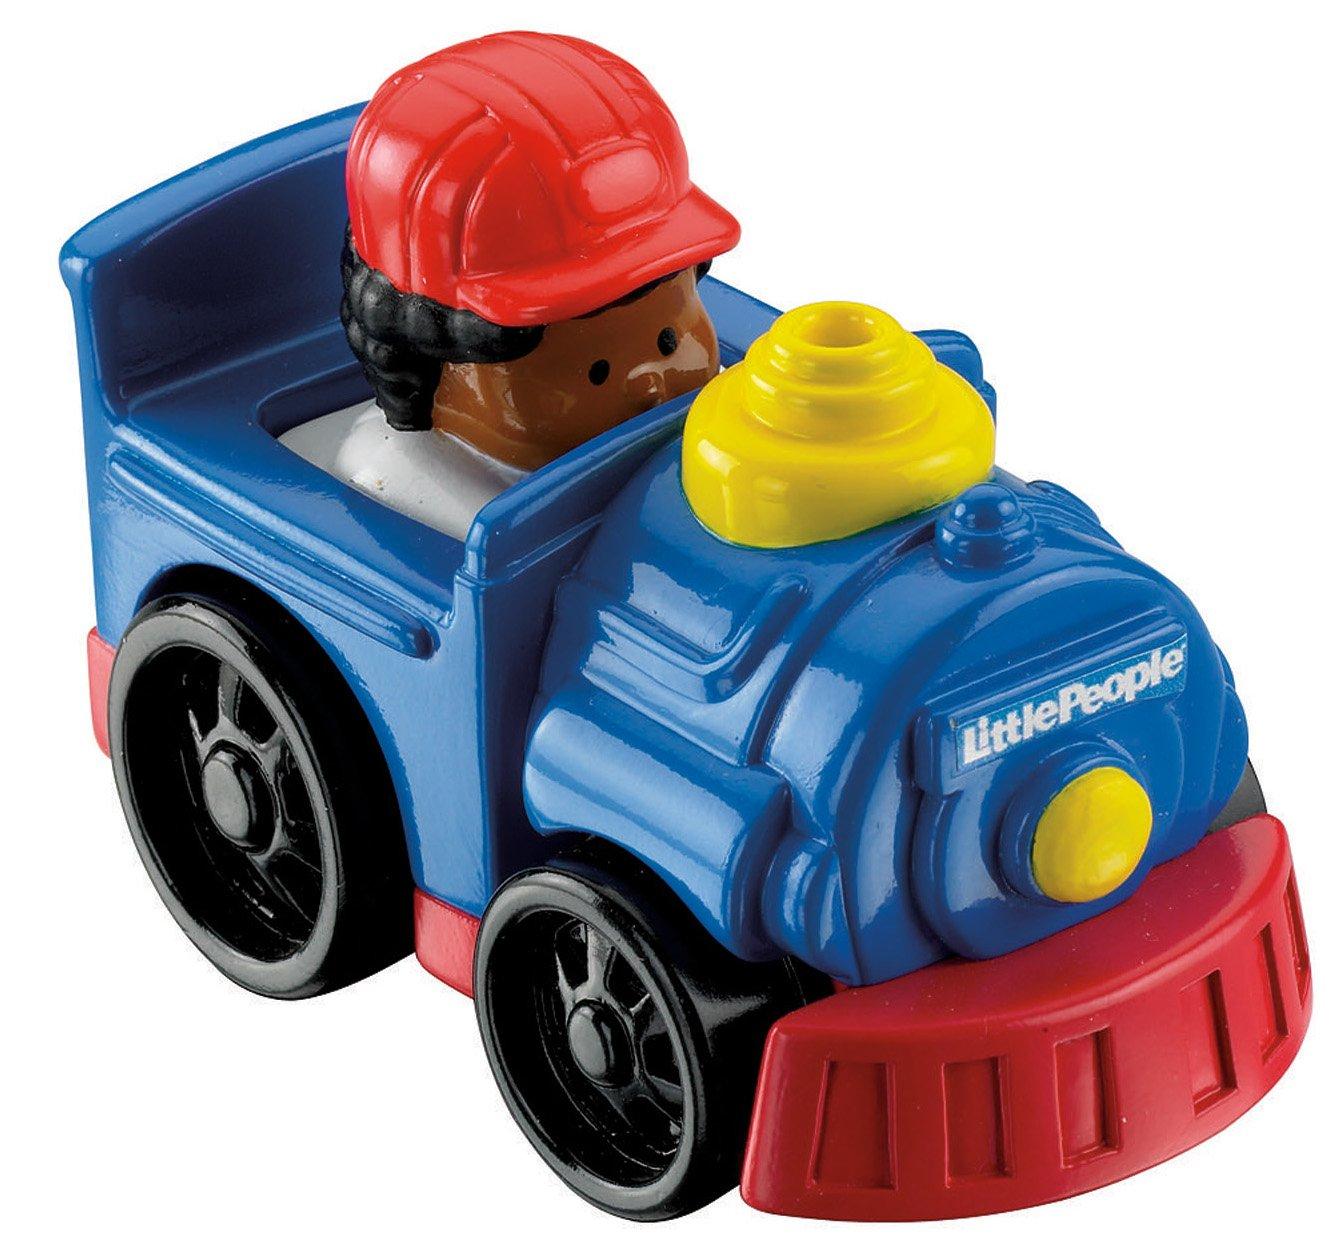 Fisher-Price Little People Wheelies Steam Engine